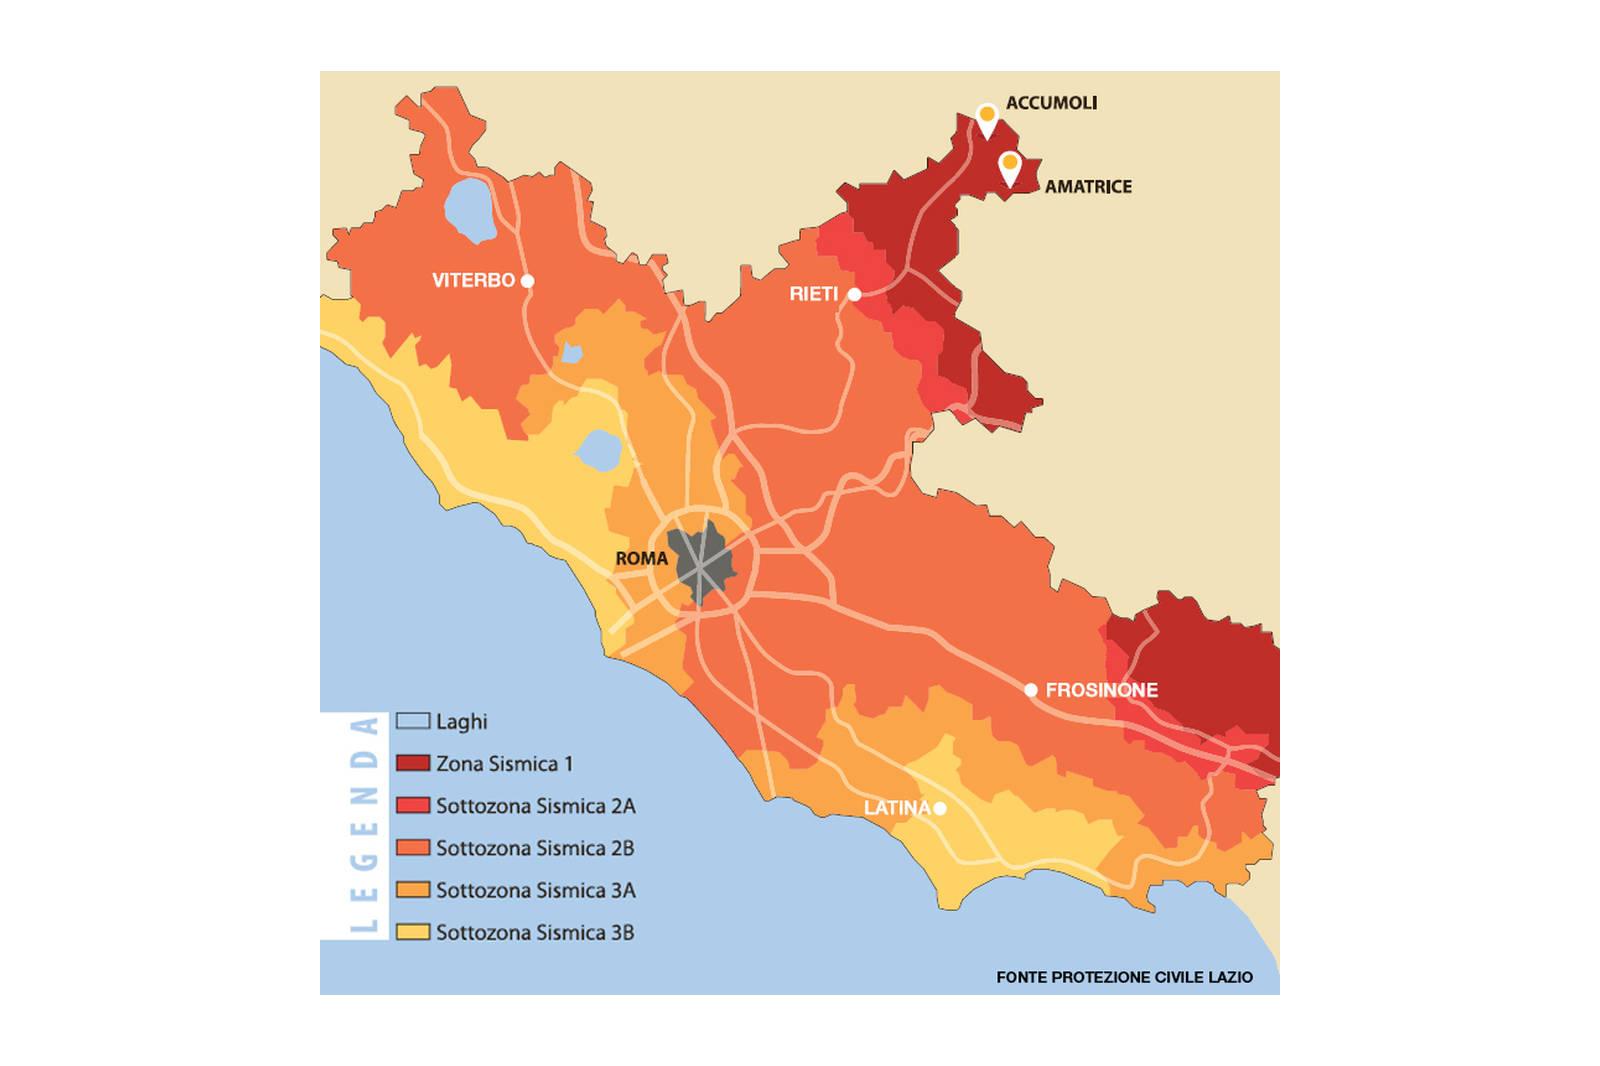 Lazio-mappa-rischio-sismico.jpg